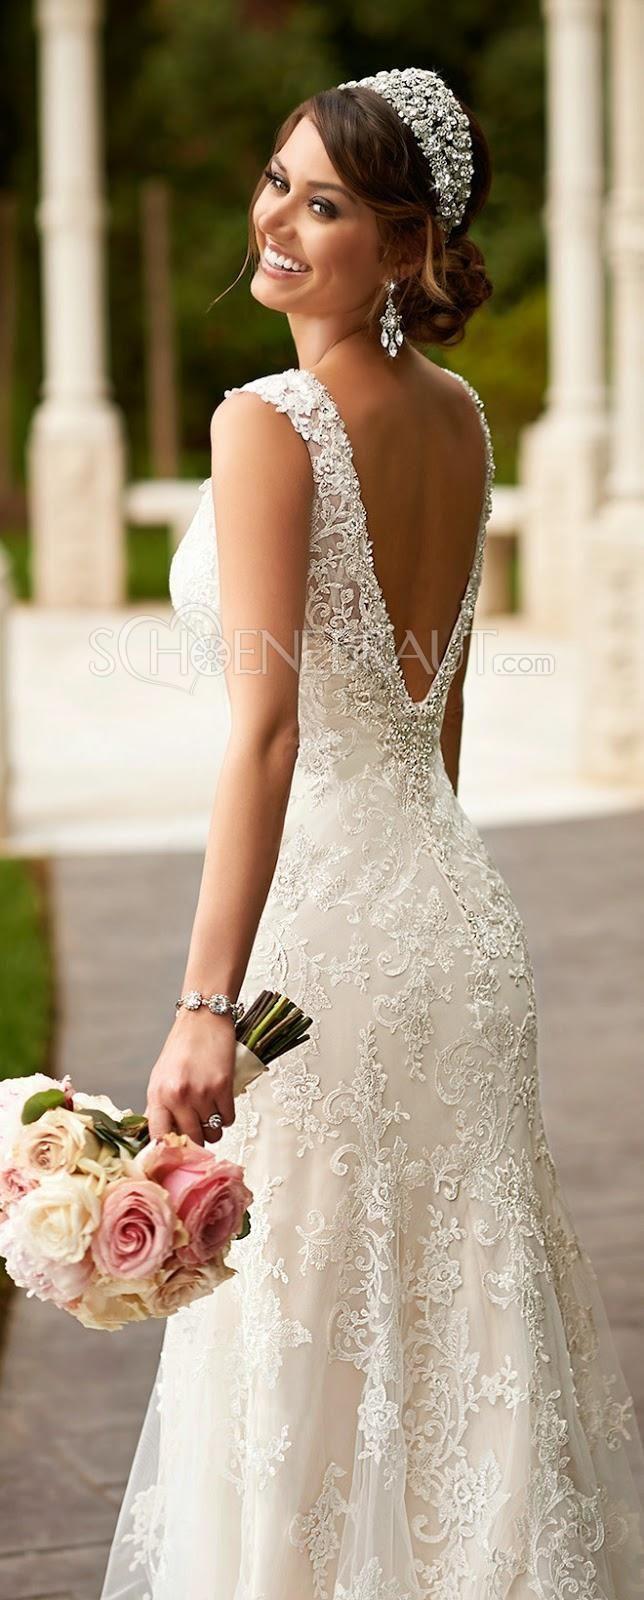 Elegant Spitze Brautkleid Lace Empire Hochzeitskleid Lang